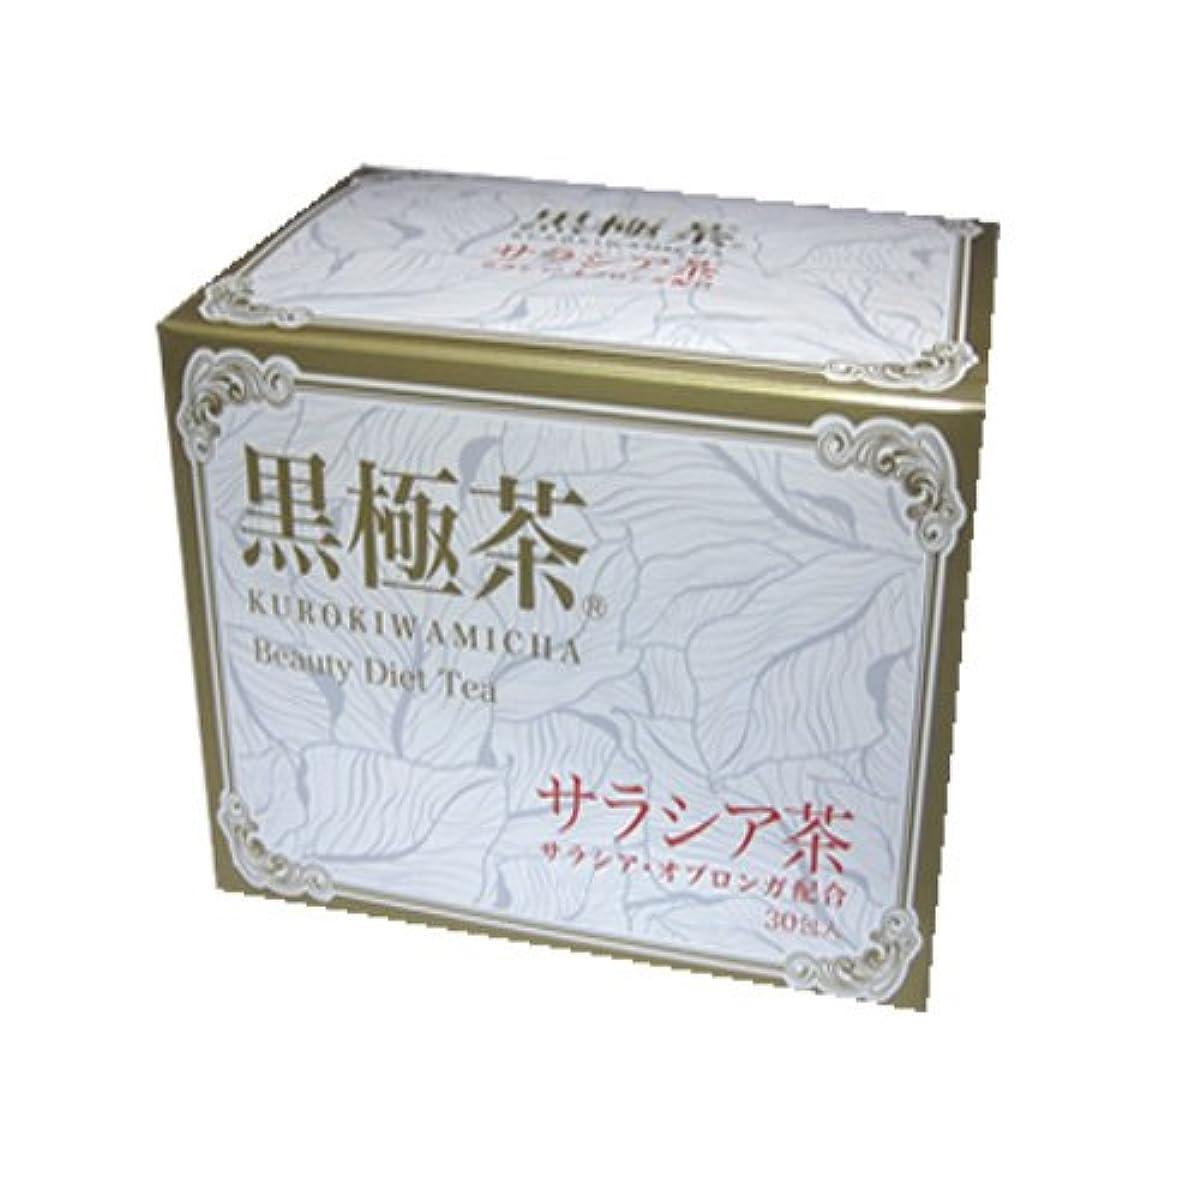 黒極茶サラシア茶